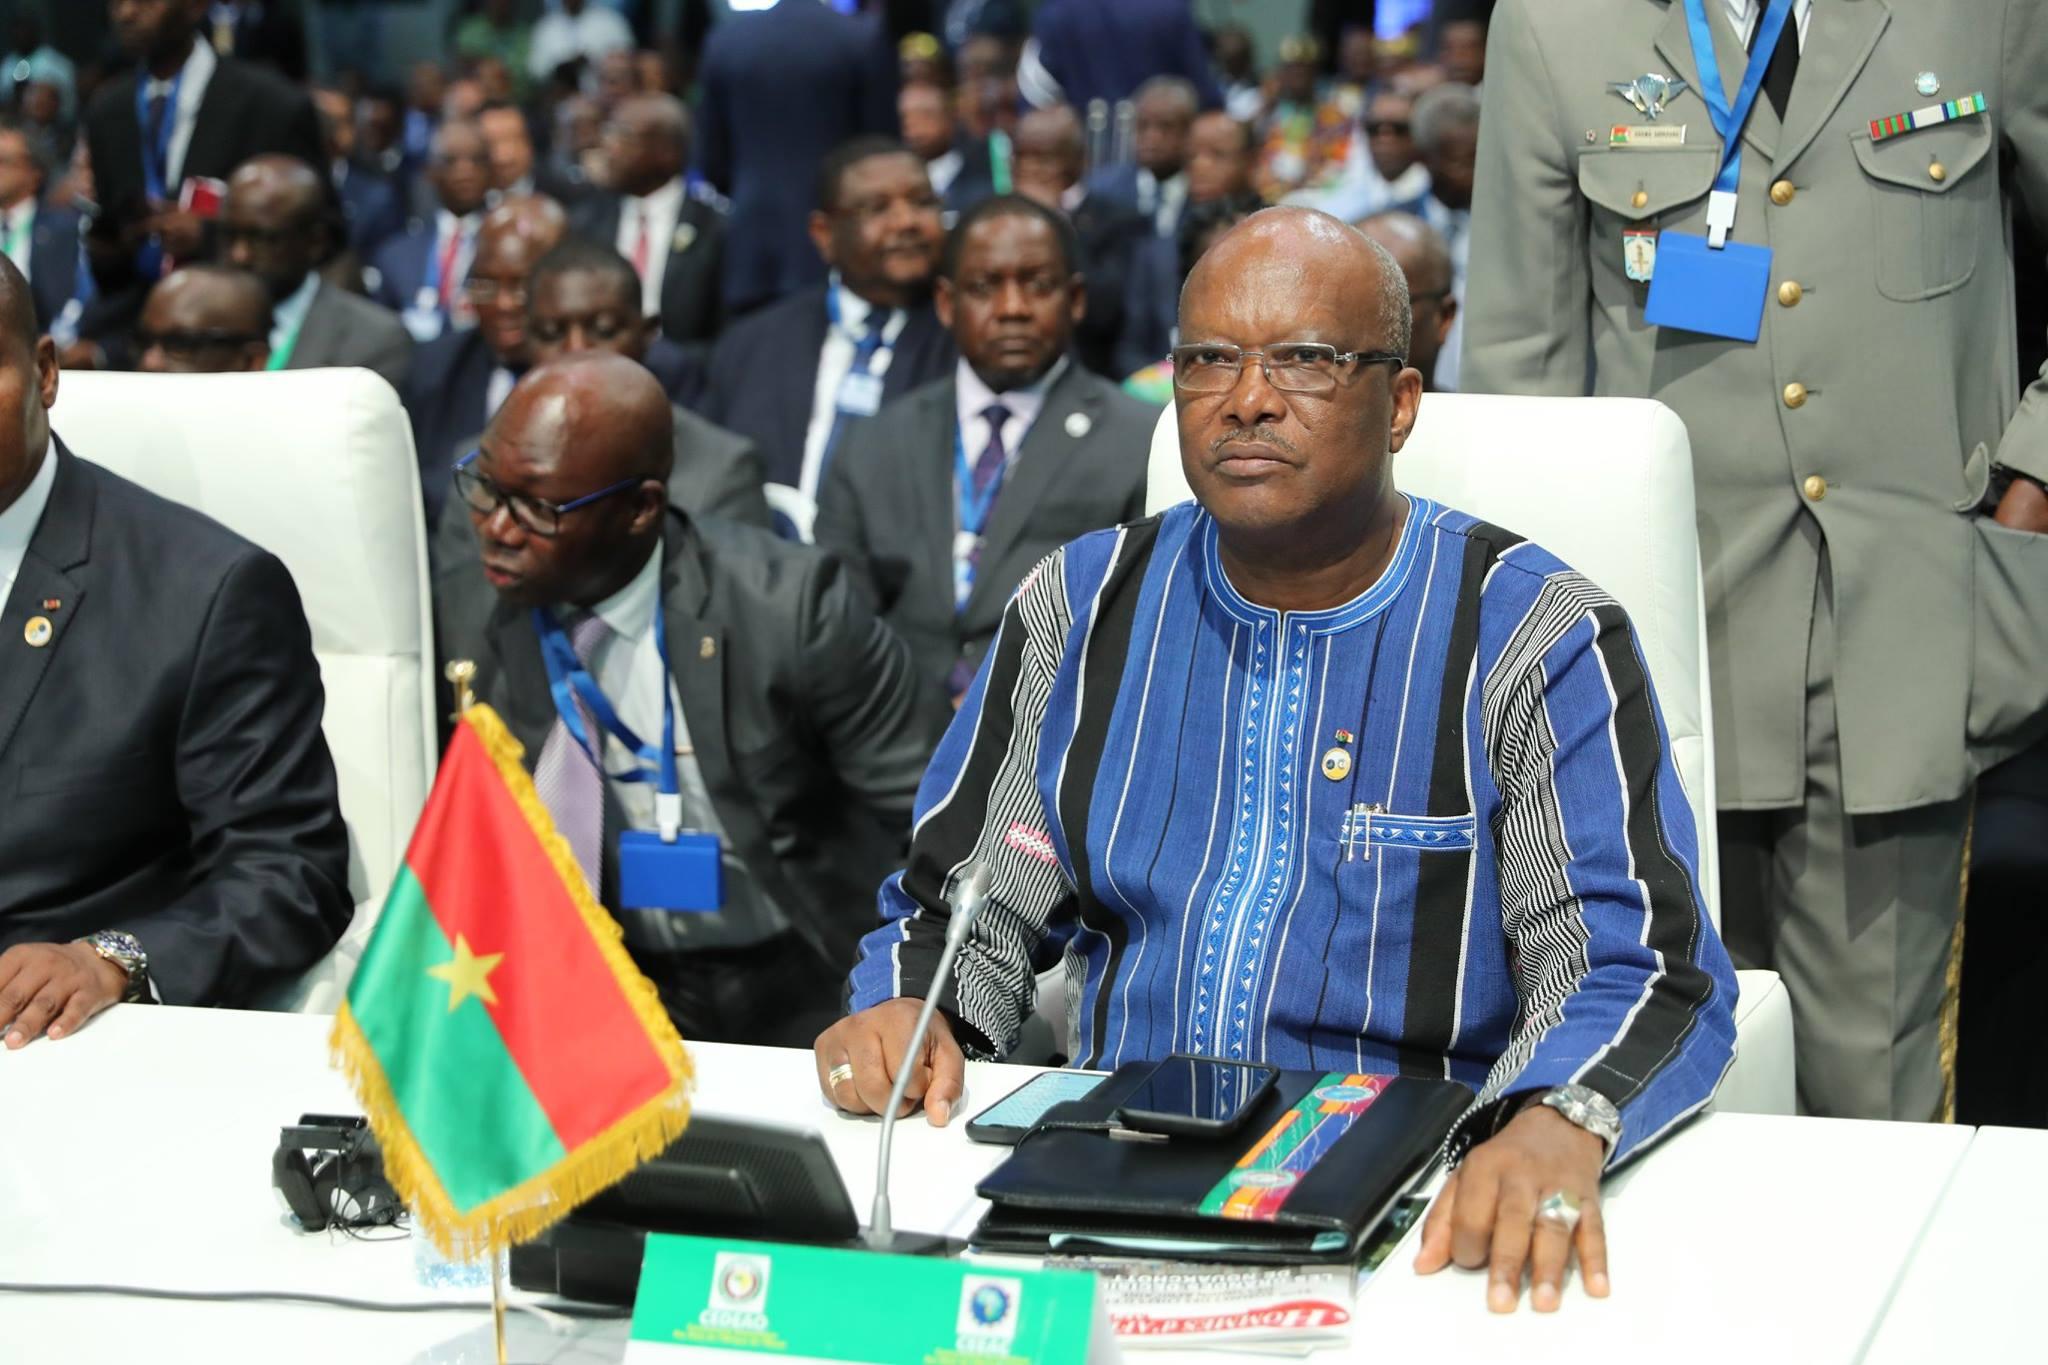 Sommet conjoint CEDEAO-CEEAC : Les chefs d'Etats réfléchissent à des solutions communes pour venir à bout du terrorisme et de l'extrémisme violent.